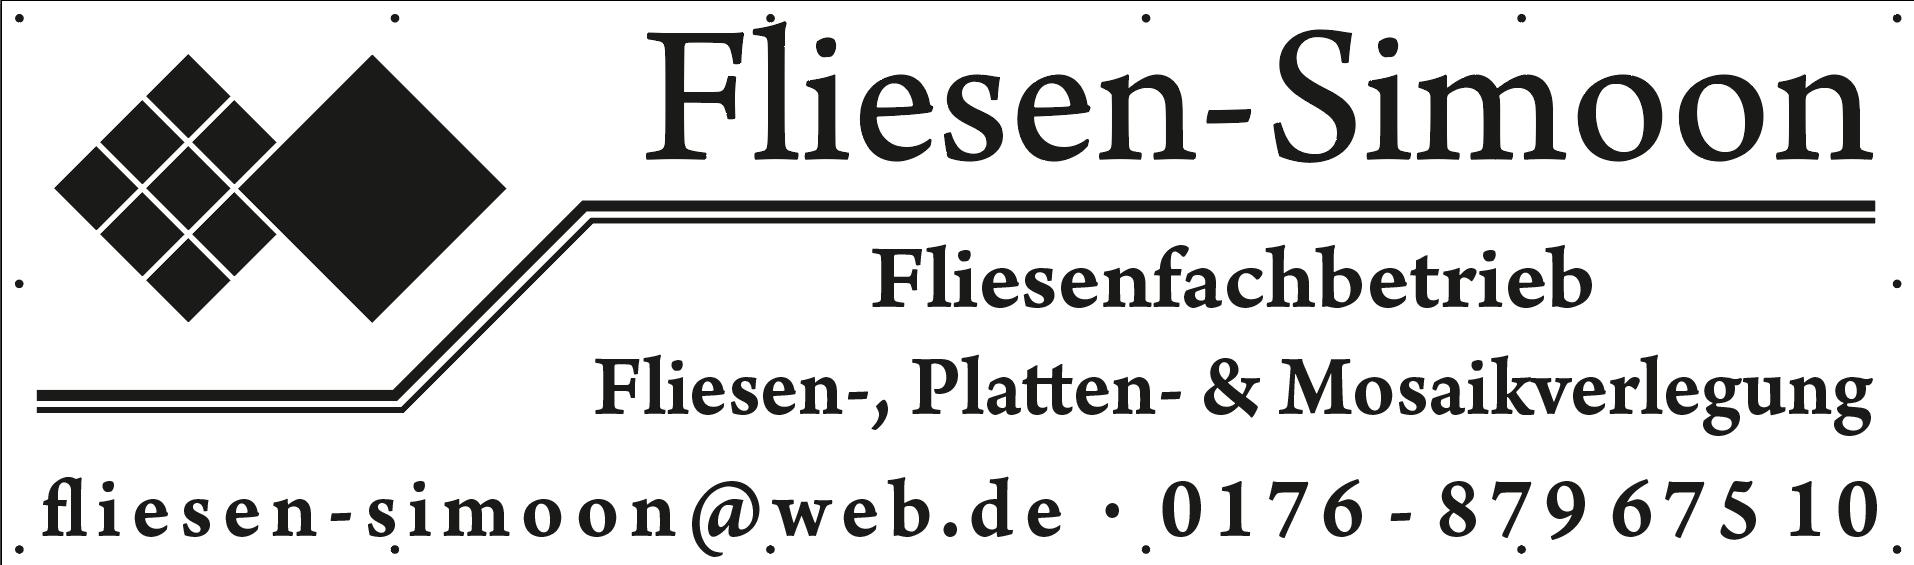 Bild zu Fliesen-Simoon in Wolfenbüttel